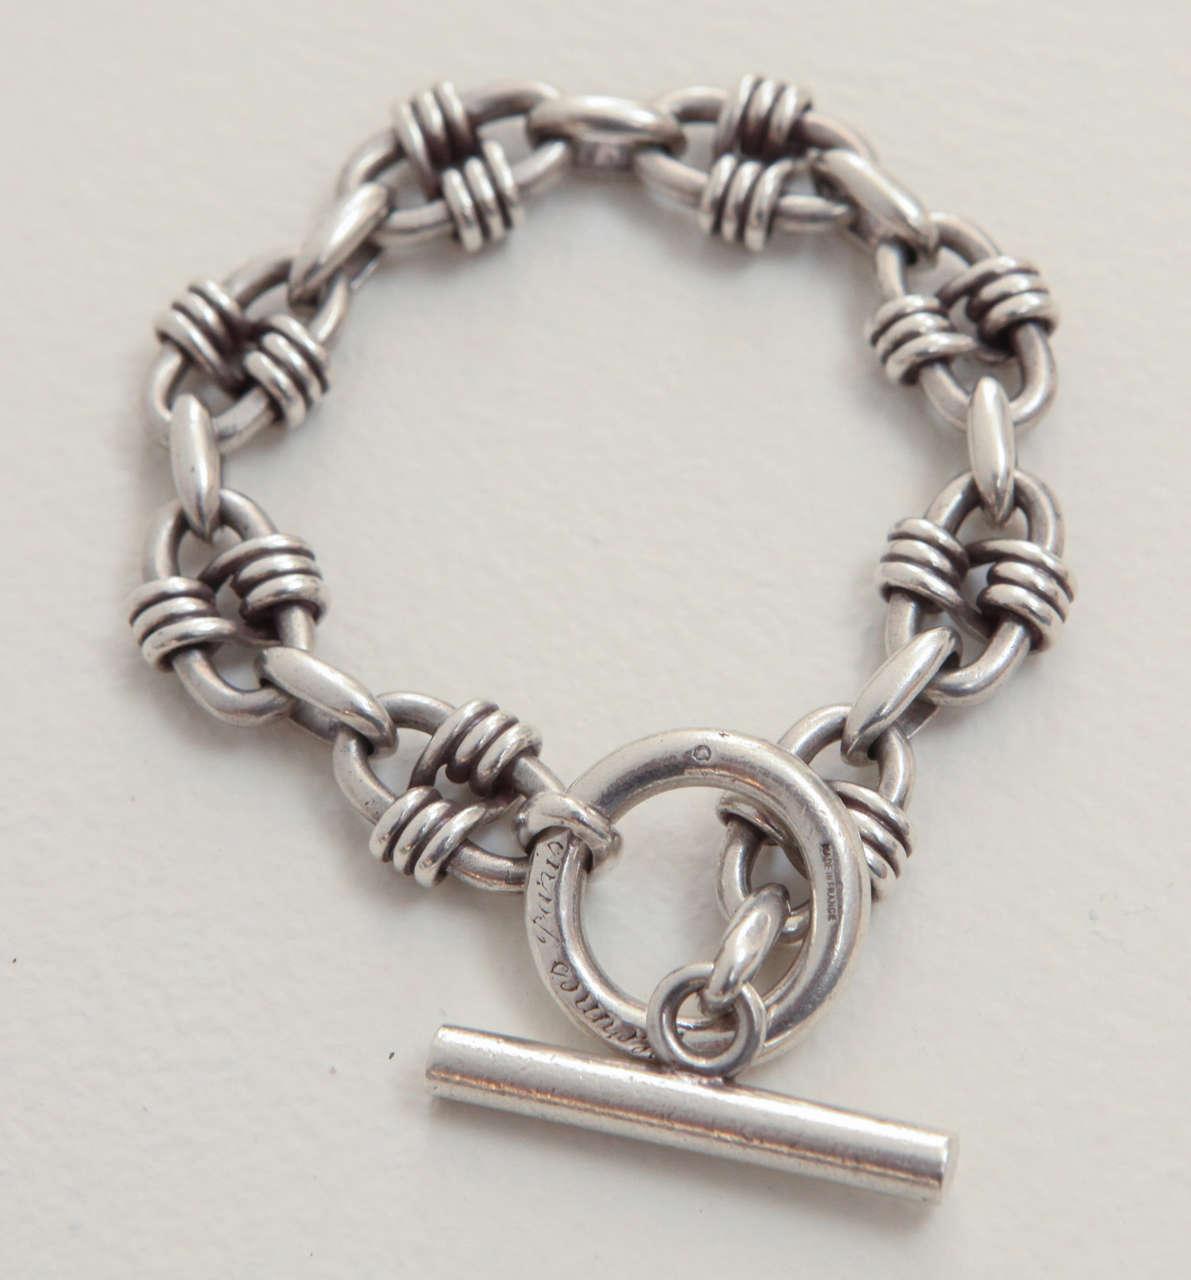 Vintage Sterling Silver Hermes Bracelet At 1stdibs